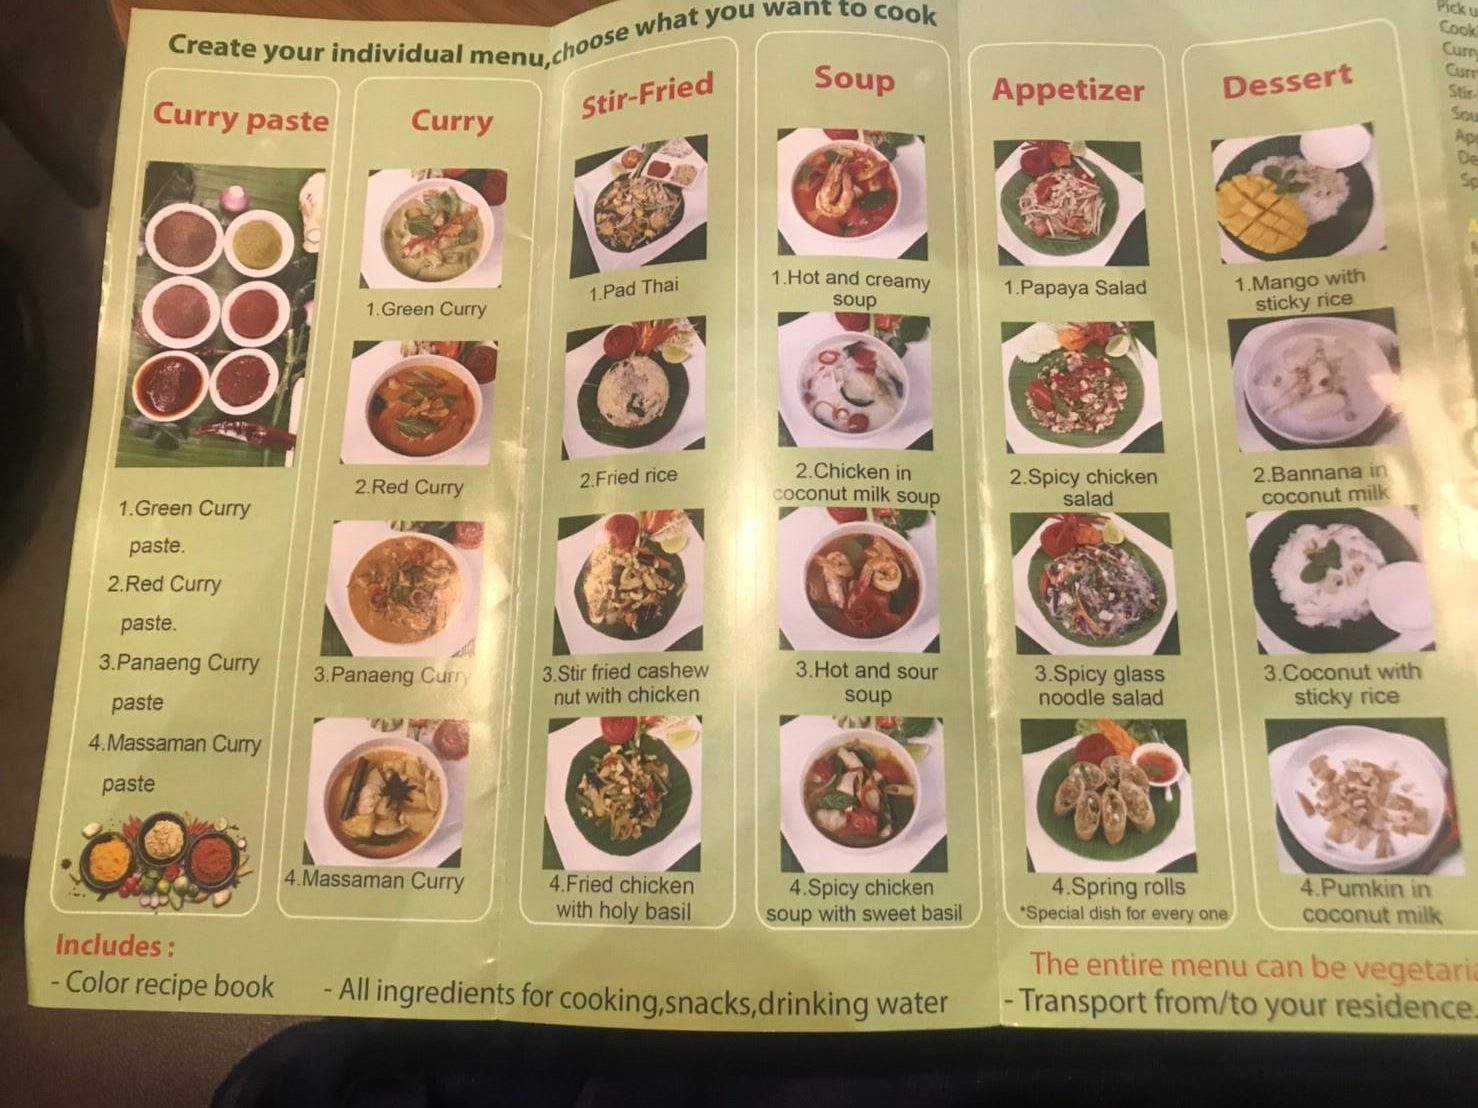 タイ・チェンマイの料理教室/クッキング体験:体験できる料理・メニュー